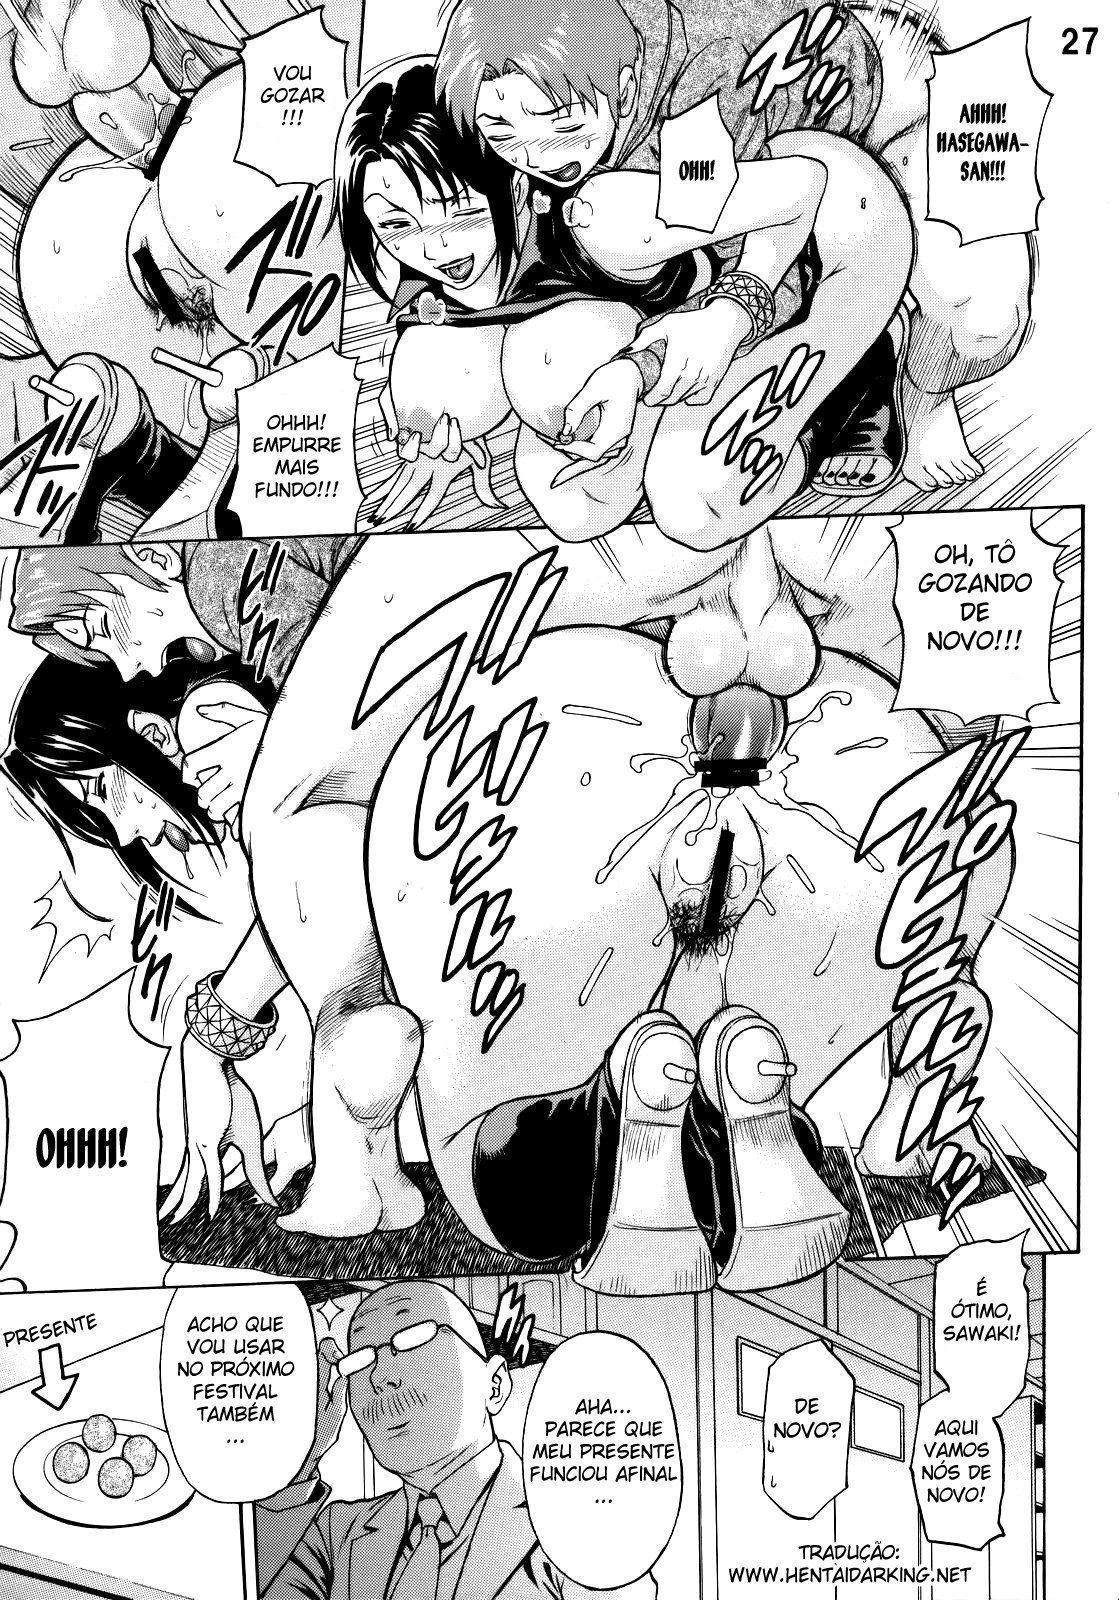 HentaiHome-Estreando-o-virgem-pervertido-26